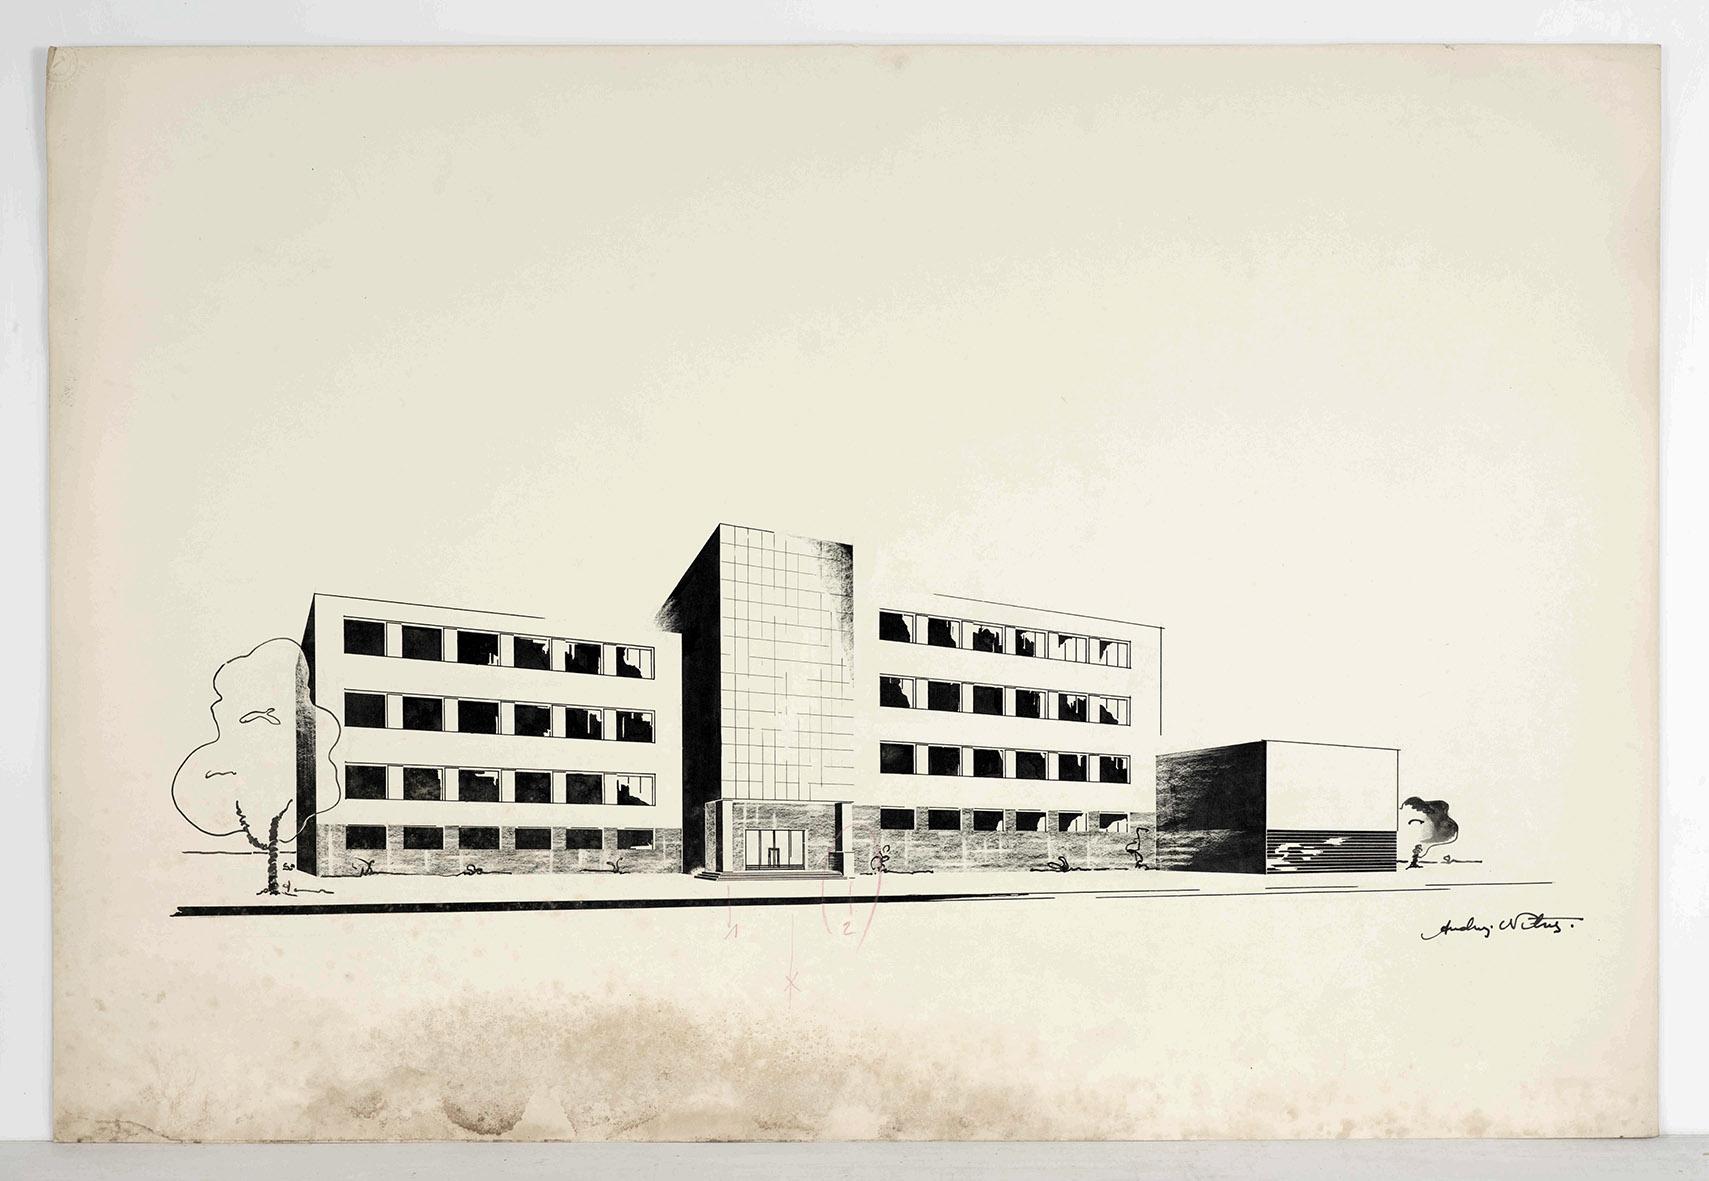 Andrzej Nitsch, projekt siedmioklasowej szkoły żeńskiej, widok perspektywiczny, praca studencka, tusz, ołówek i kredka na zbiory Muzeum Architektury we Wrocławiu